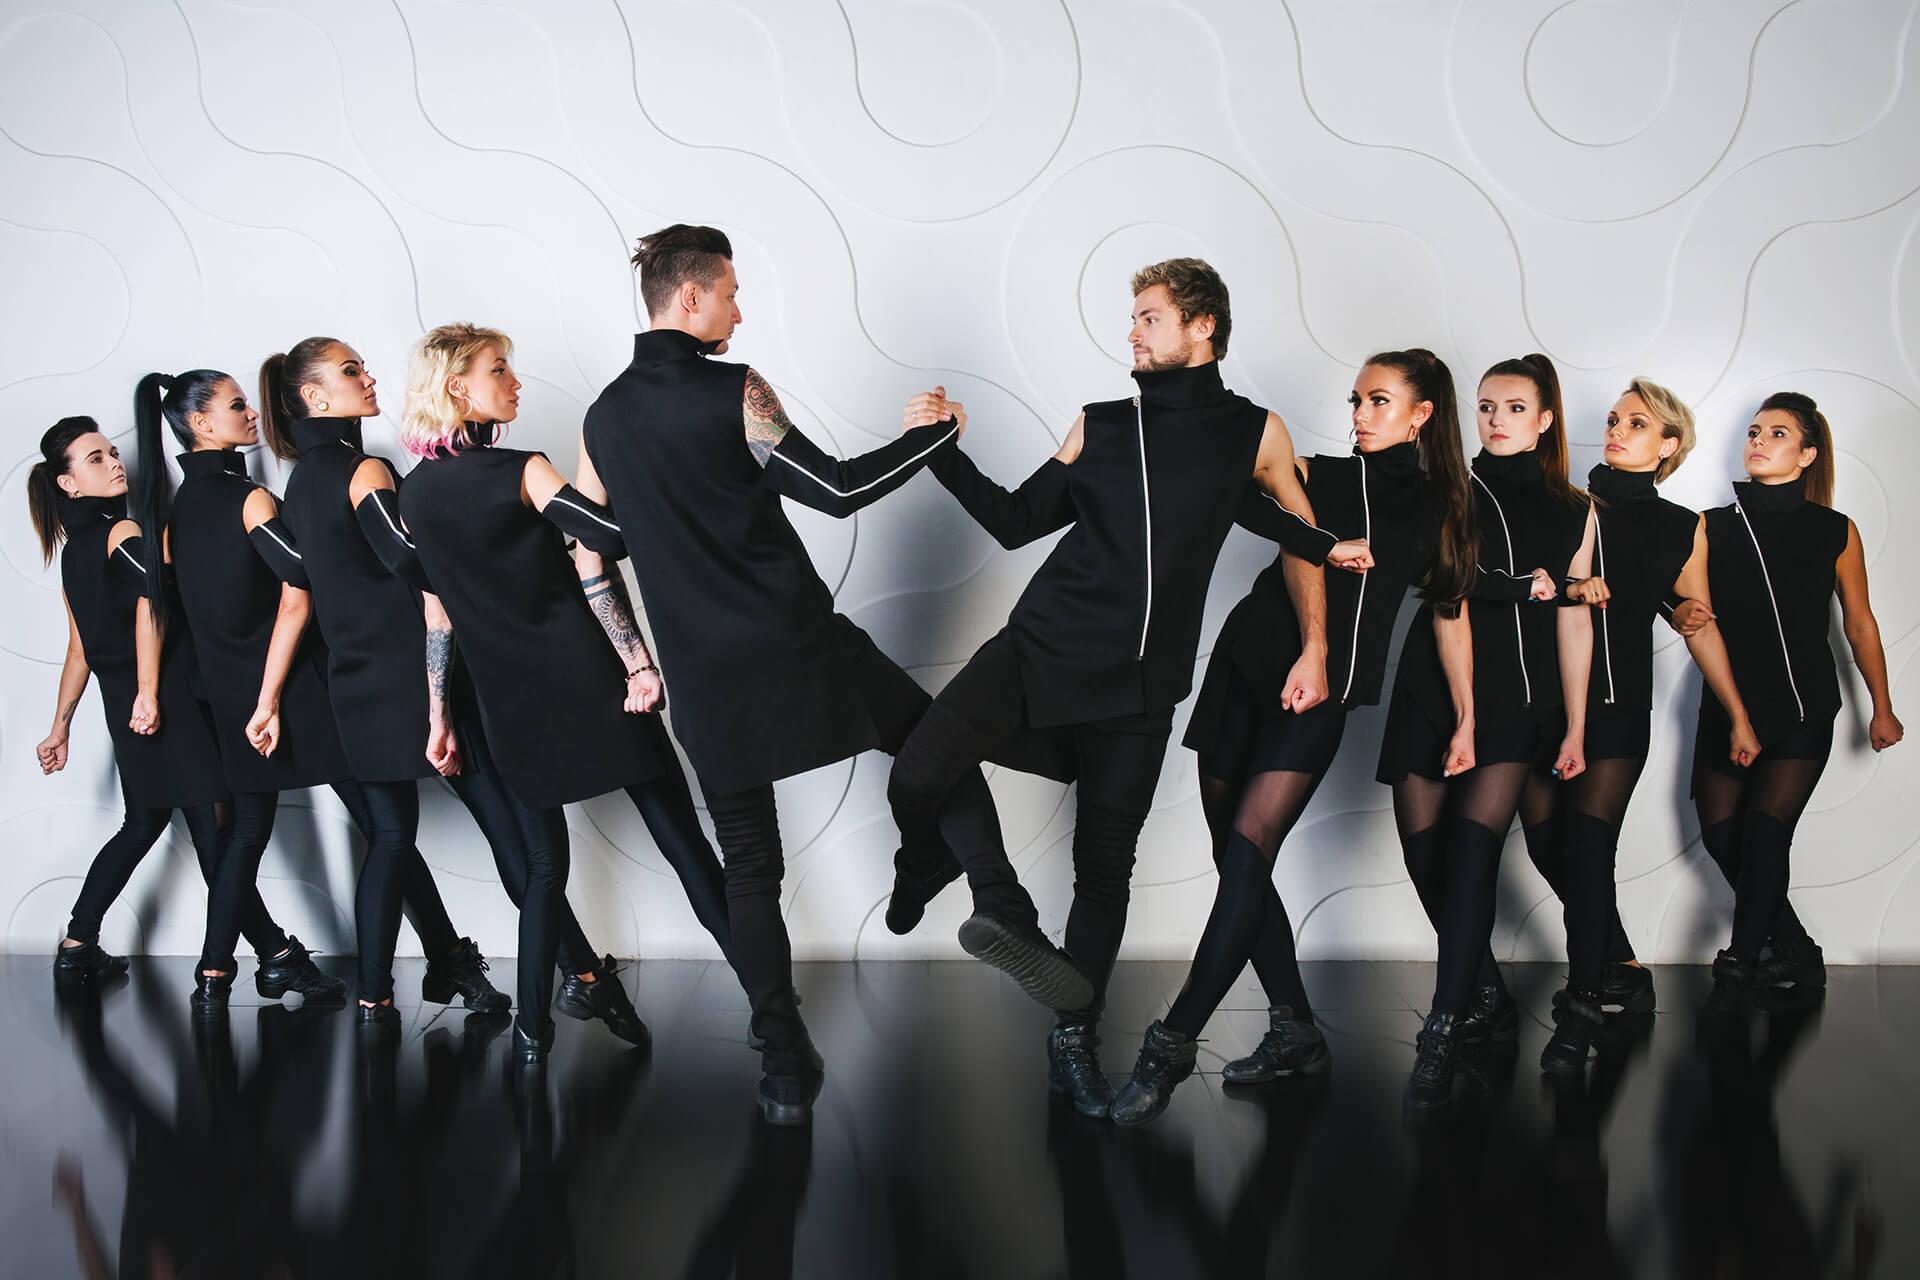 фотосессия для танцевального коллектива стиль, обои натюрморт